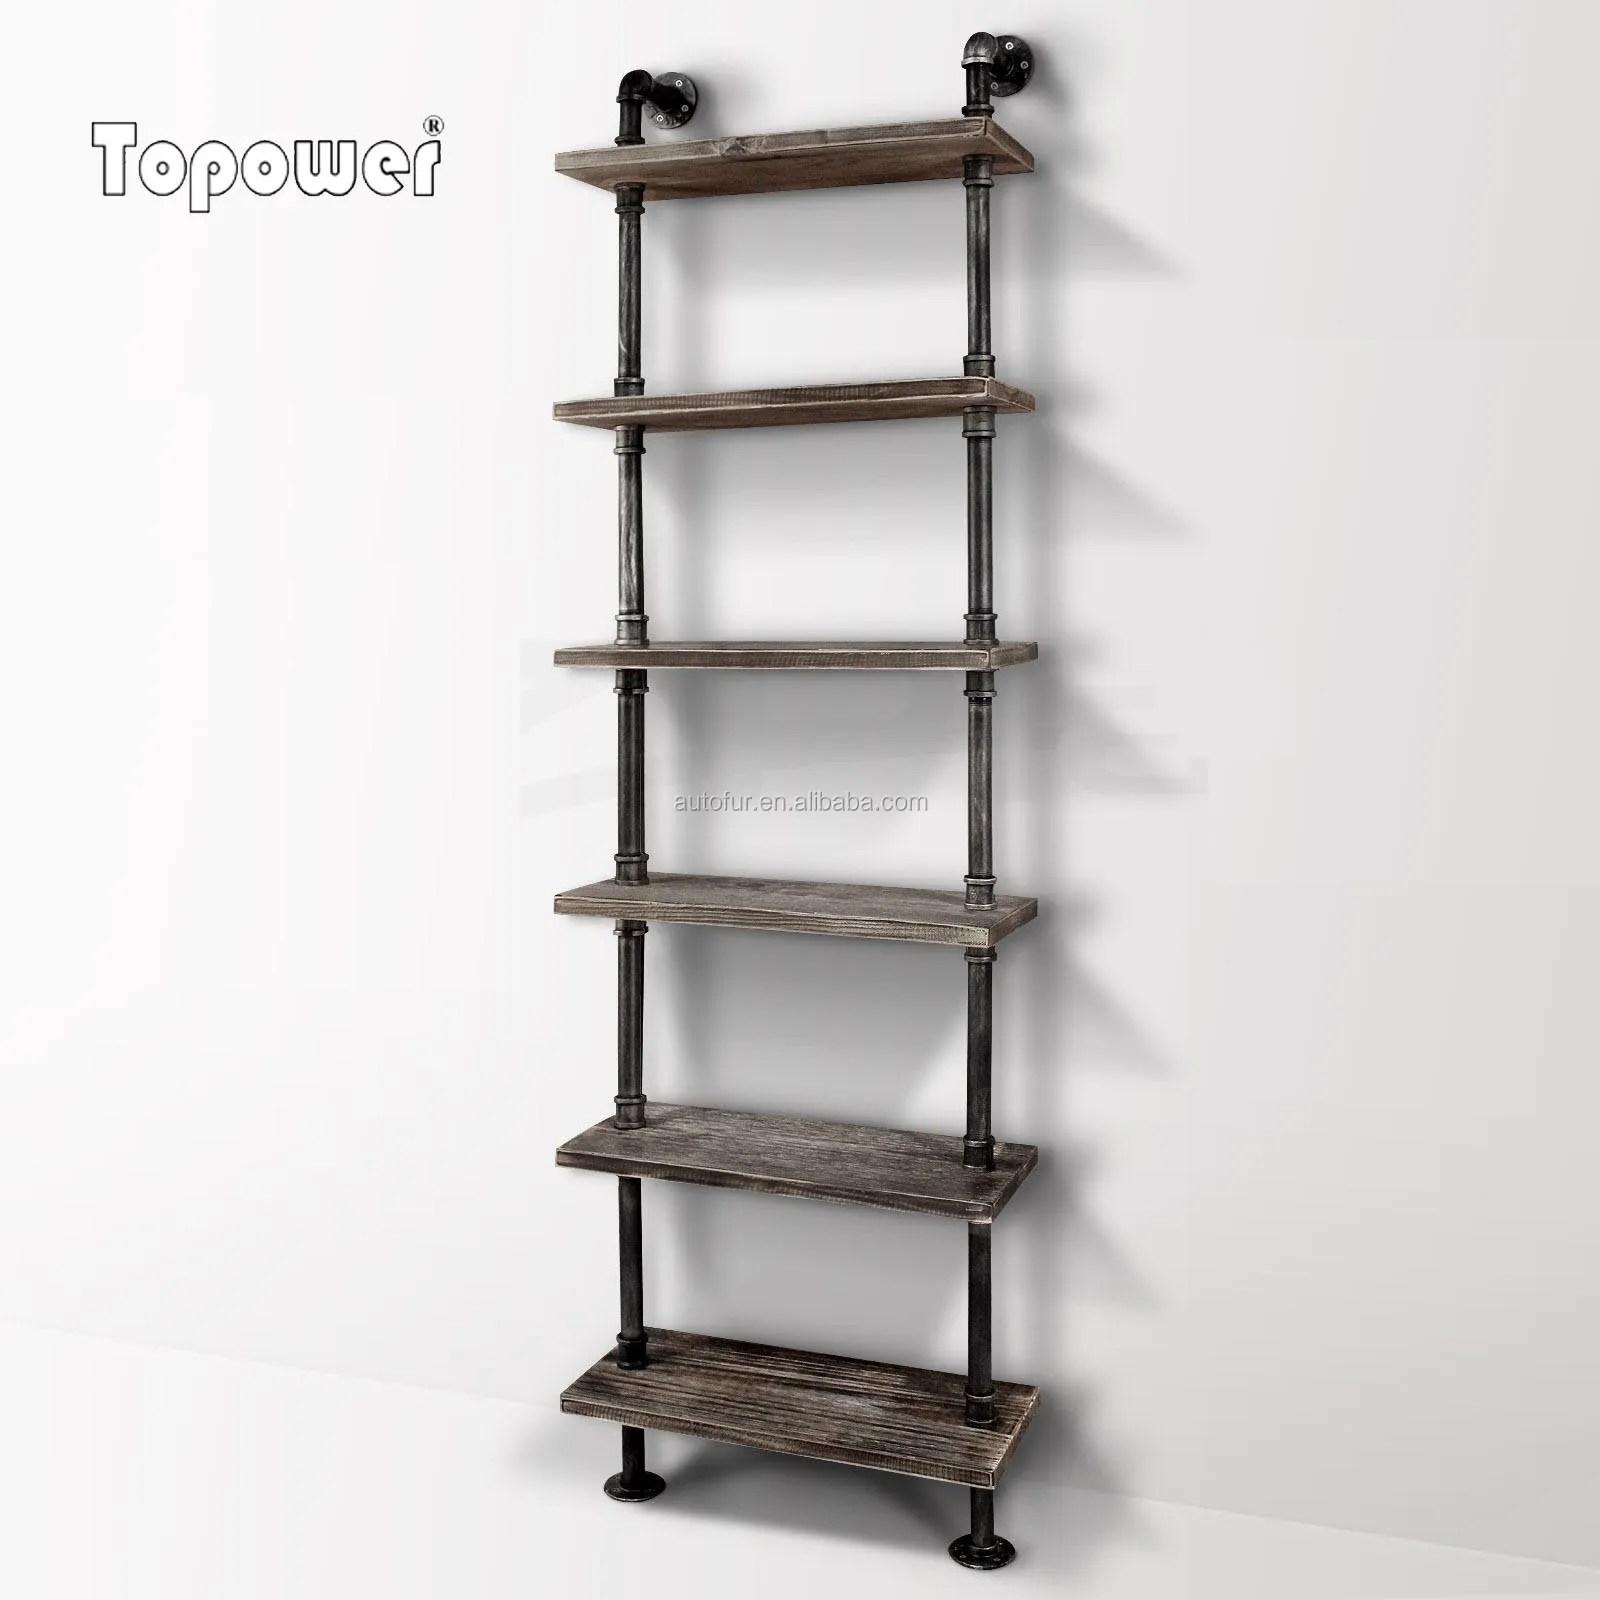 etagere murale et bibliotheque en bois avec tuyau en acier galvanise au style industriel nouveaute buy etagere murale en bois et etagere etagere